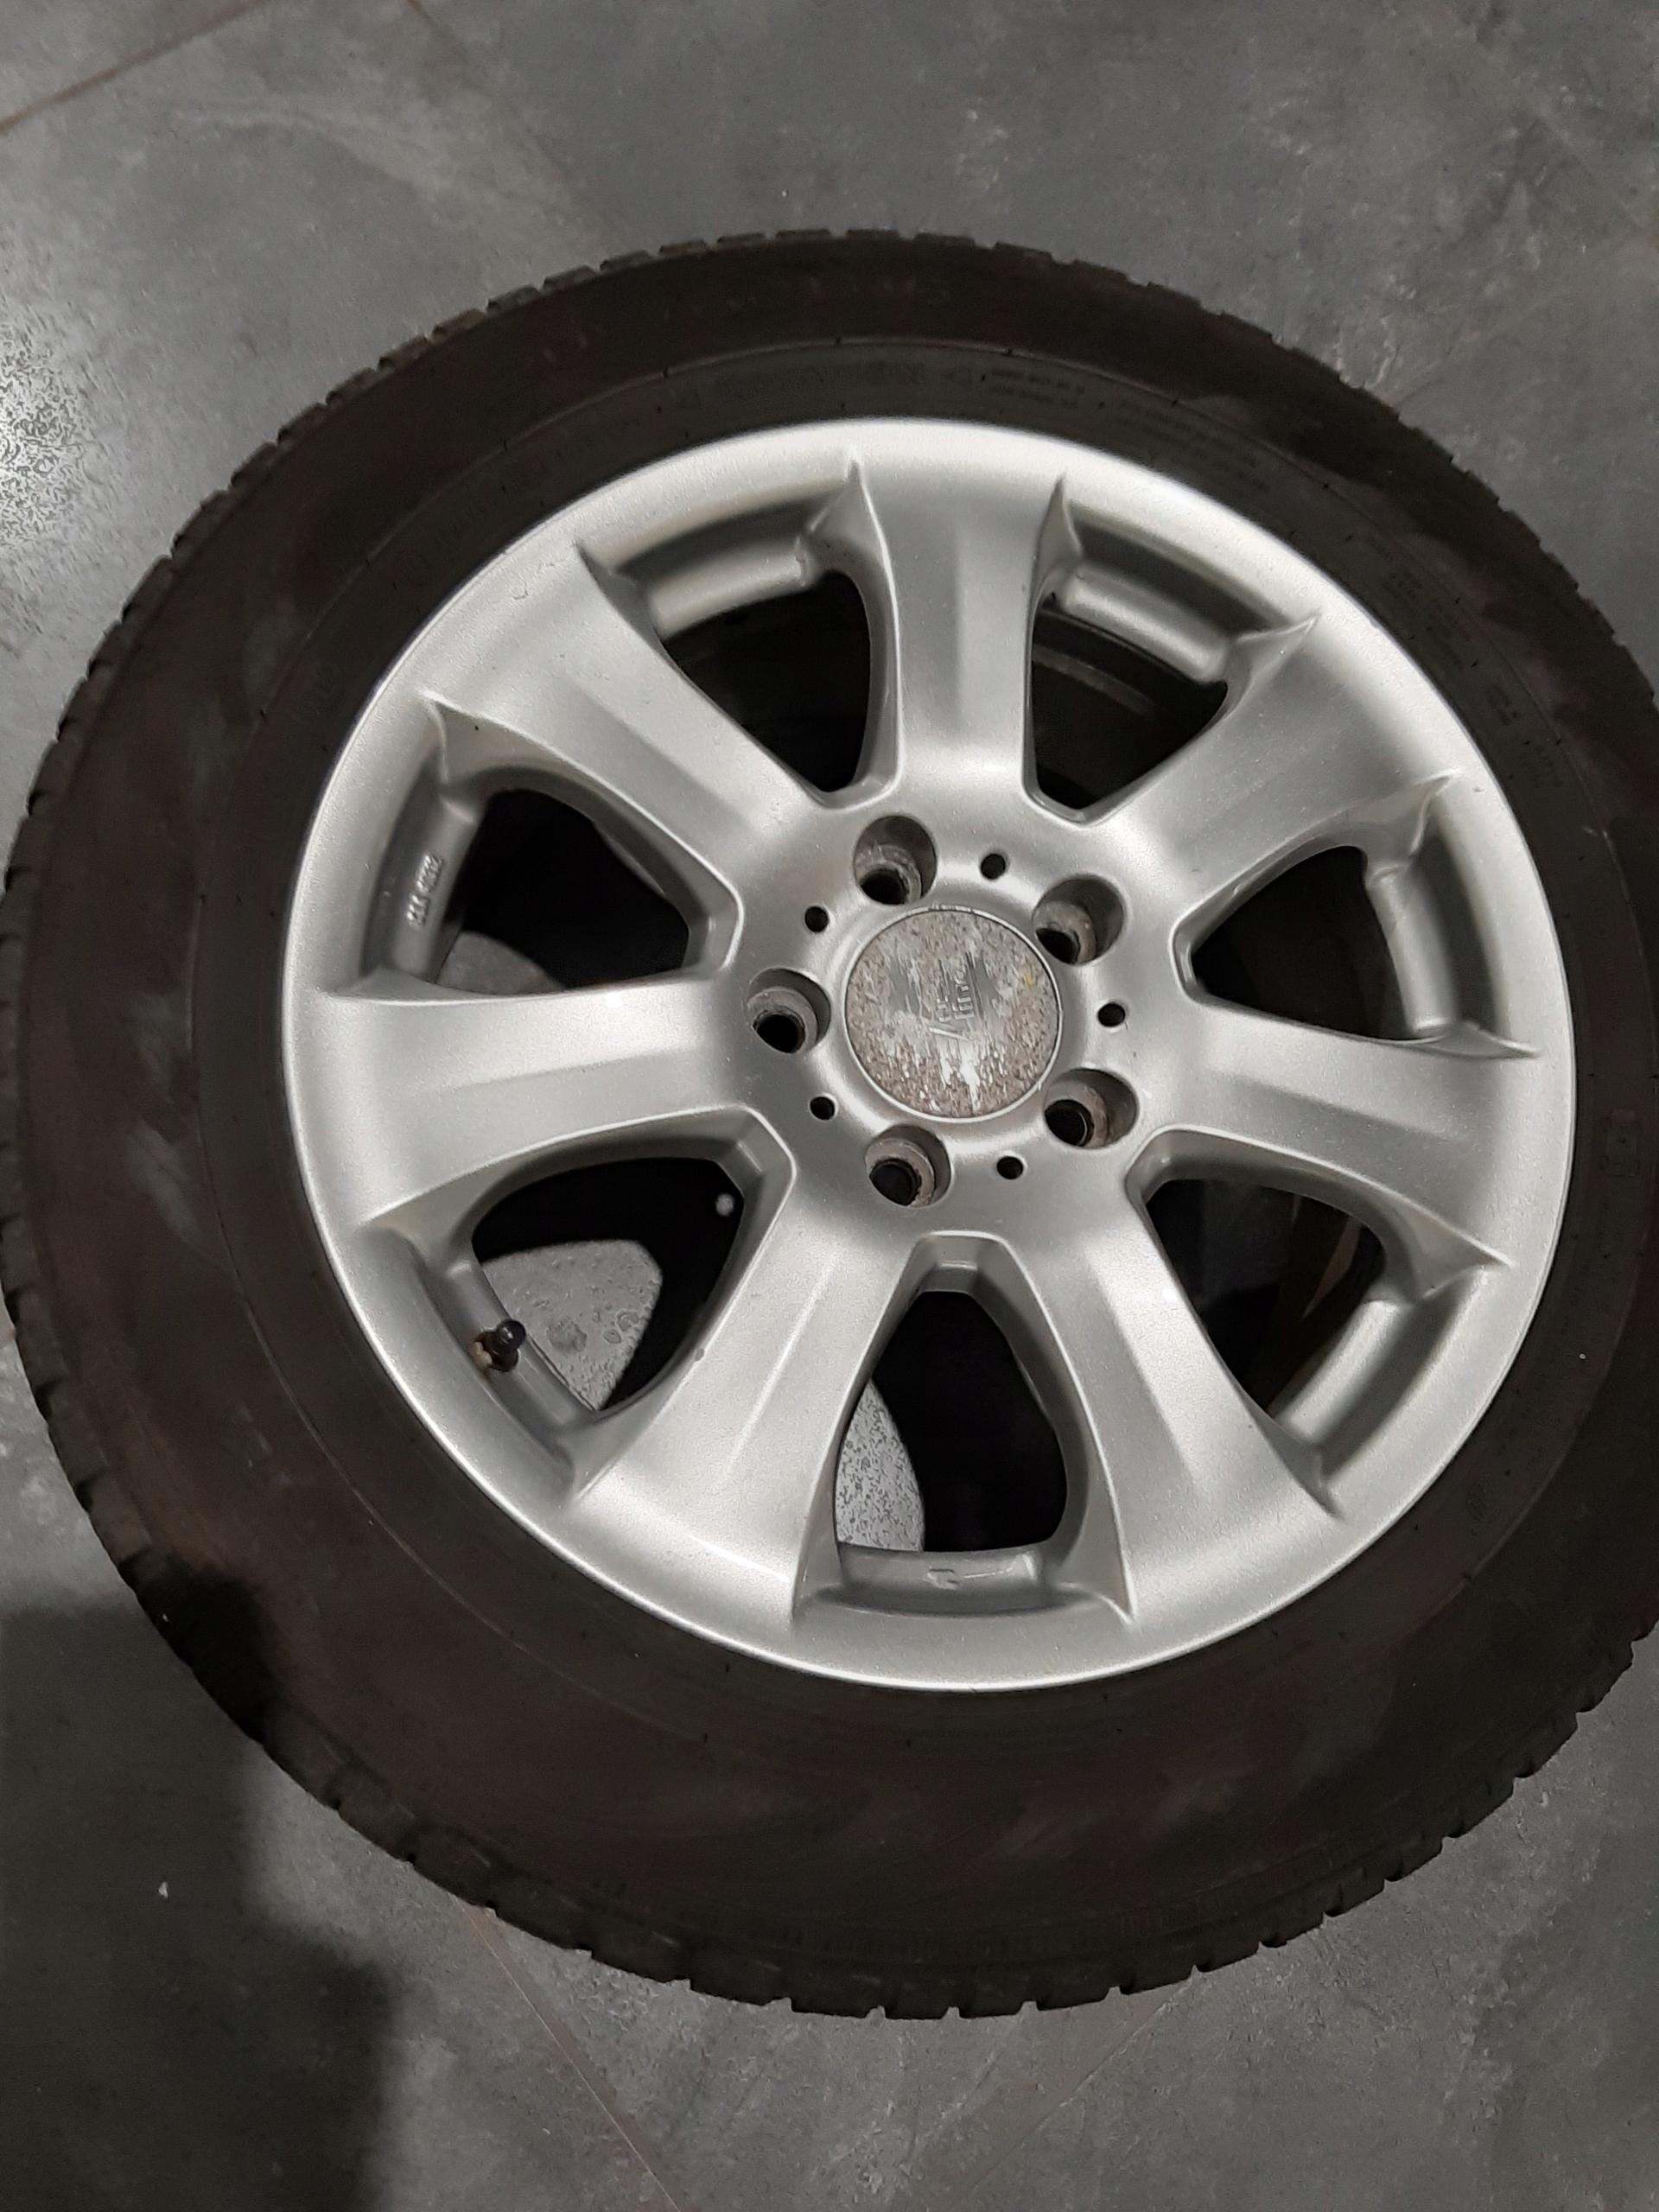 Felgi Alu Opony Zimowe Nokian 20560 R16 Mazda 6 7665617198